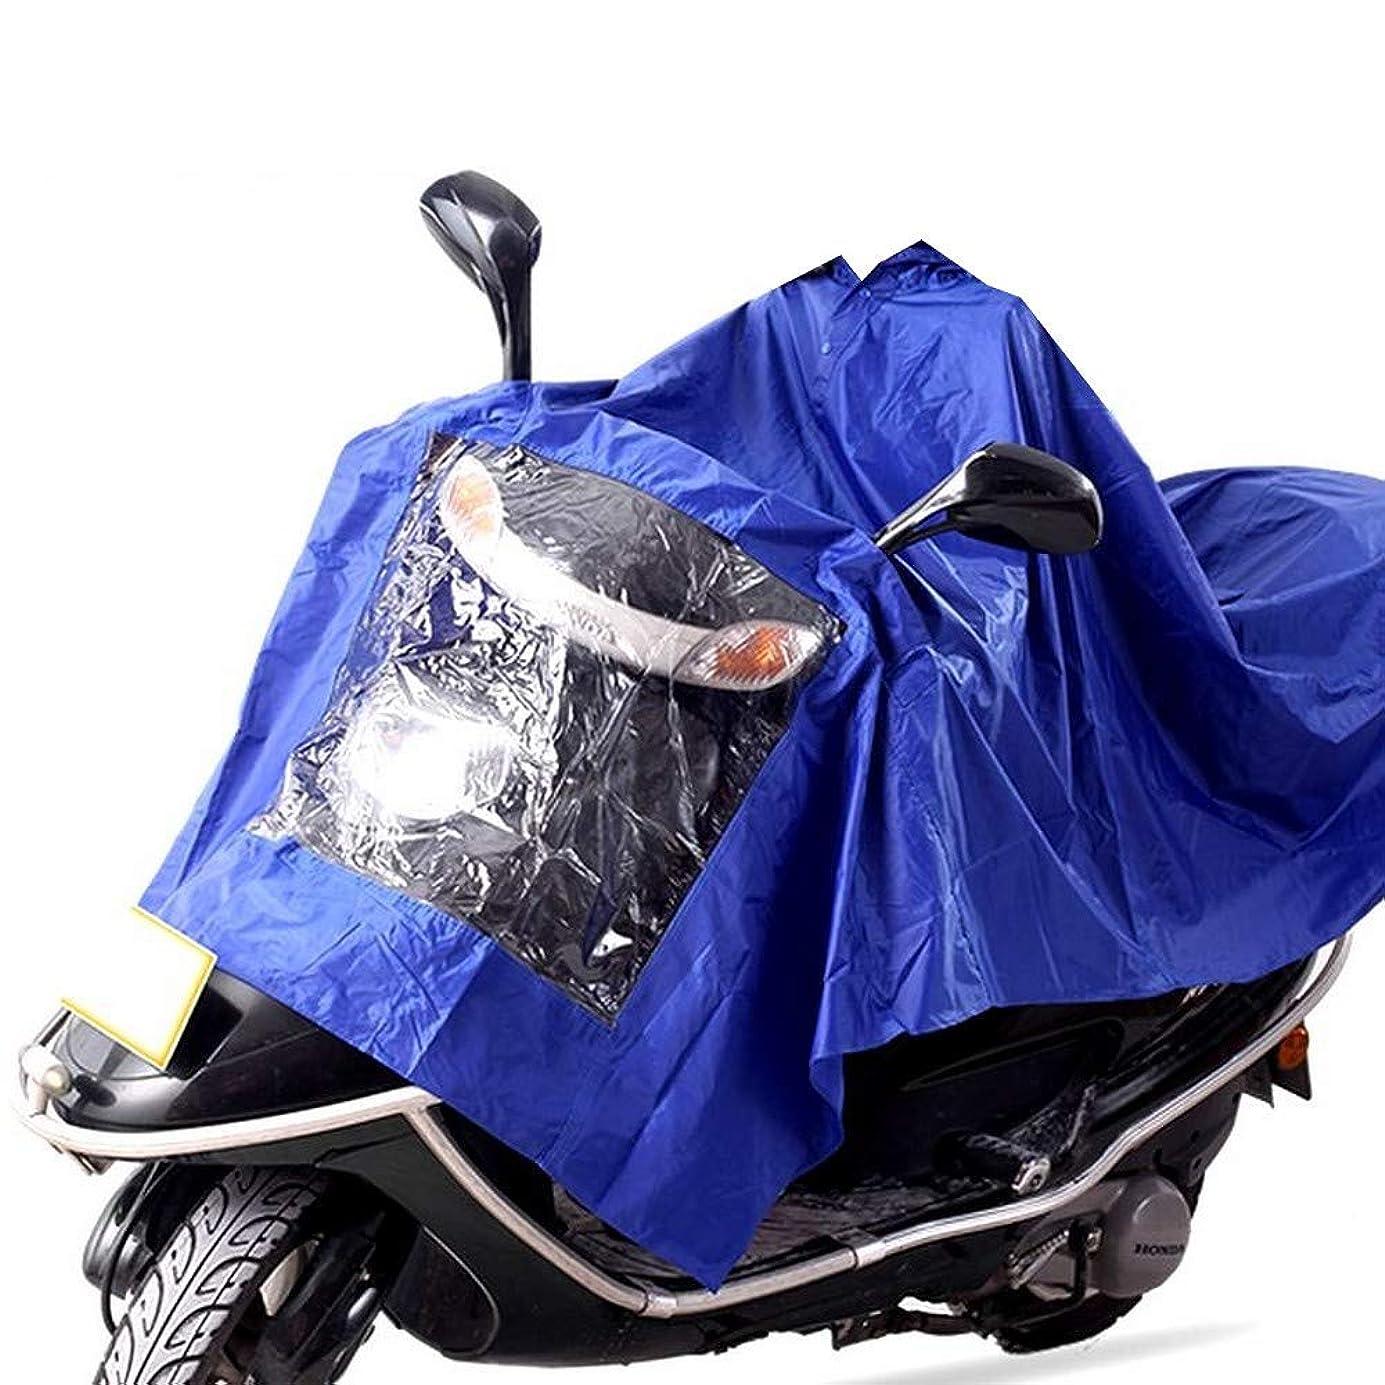 彼の引退する追跡バイクポンチョ レインポンチョすっぽりカバー型 ブルー